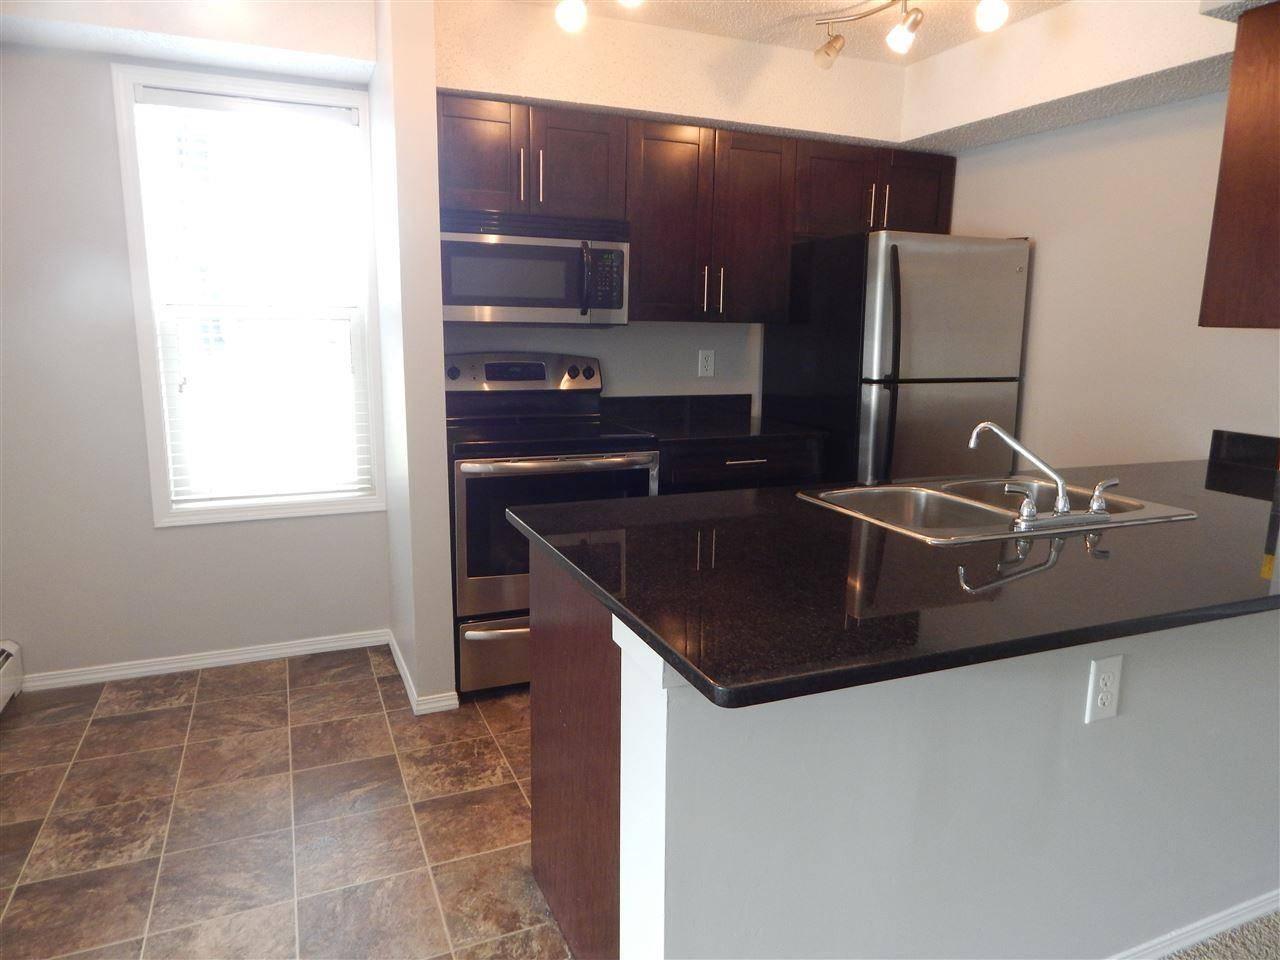 Condo for sale at 1070 Mcconachie Blvd Nw Unit 101 Edmonton Alberta - MLS: E4171380